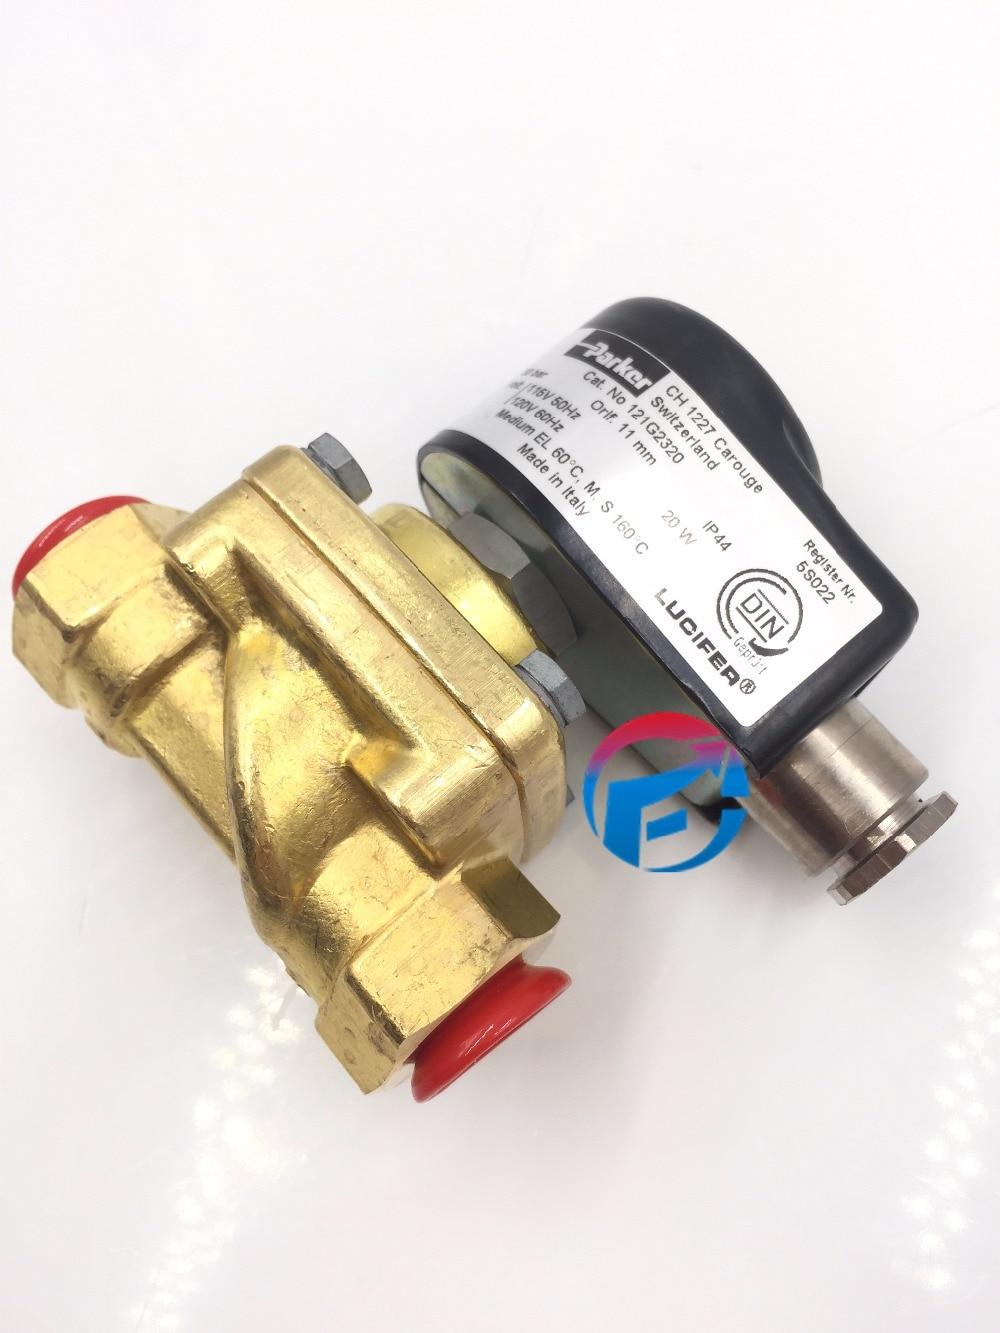 Паркер Люцифер электромагнитные клапаны 121G2320 (7121GB34VT0) для масляной горелки новые и оригинальные